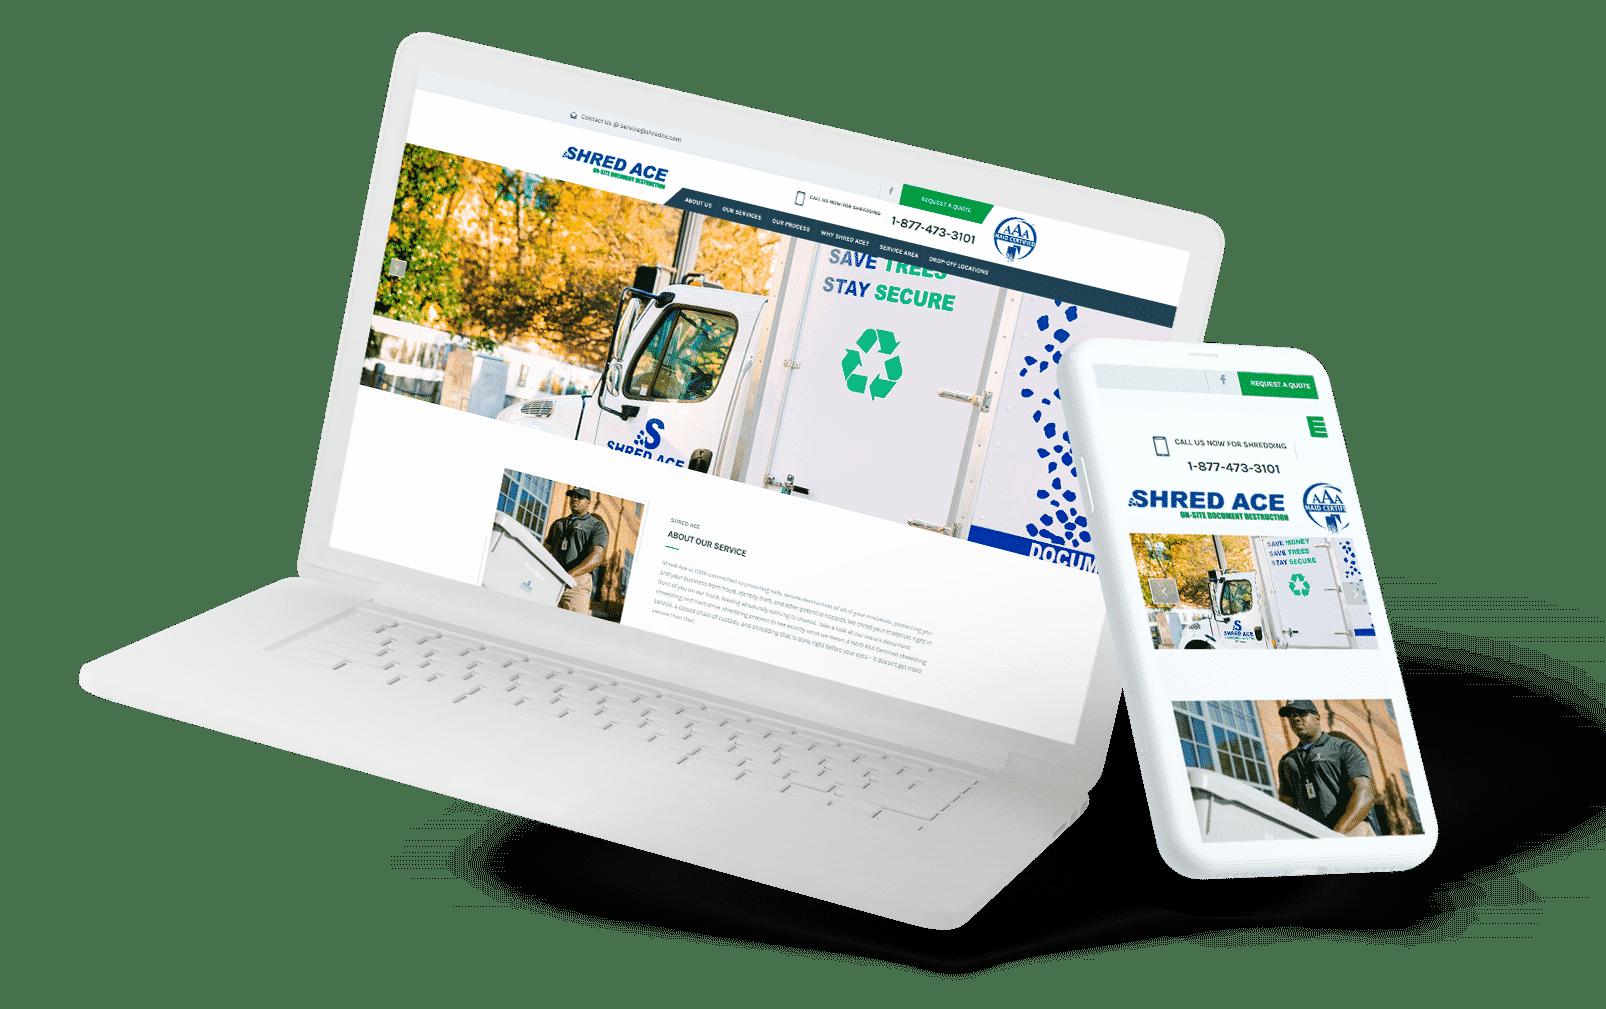 ShredAce-laptop-phone